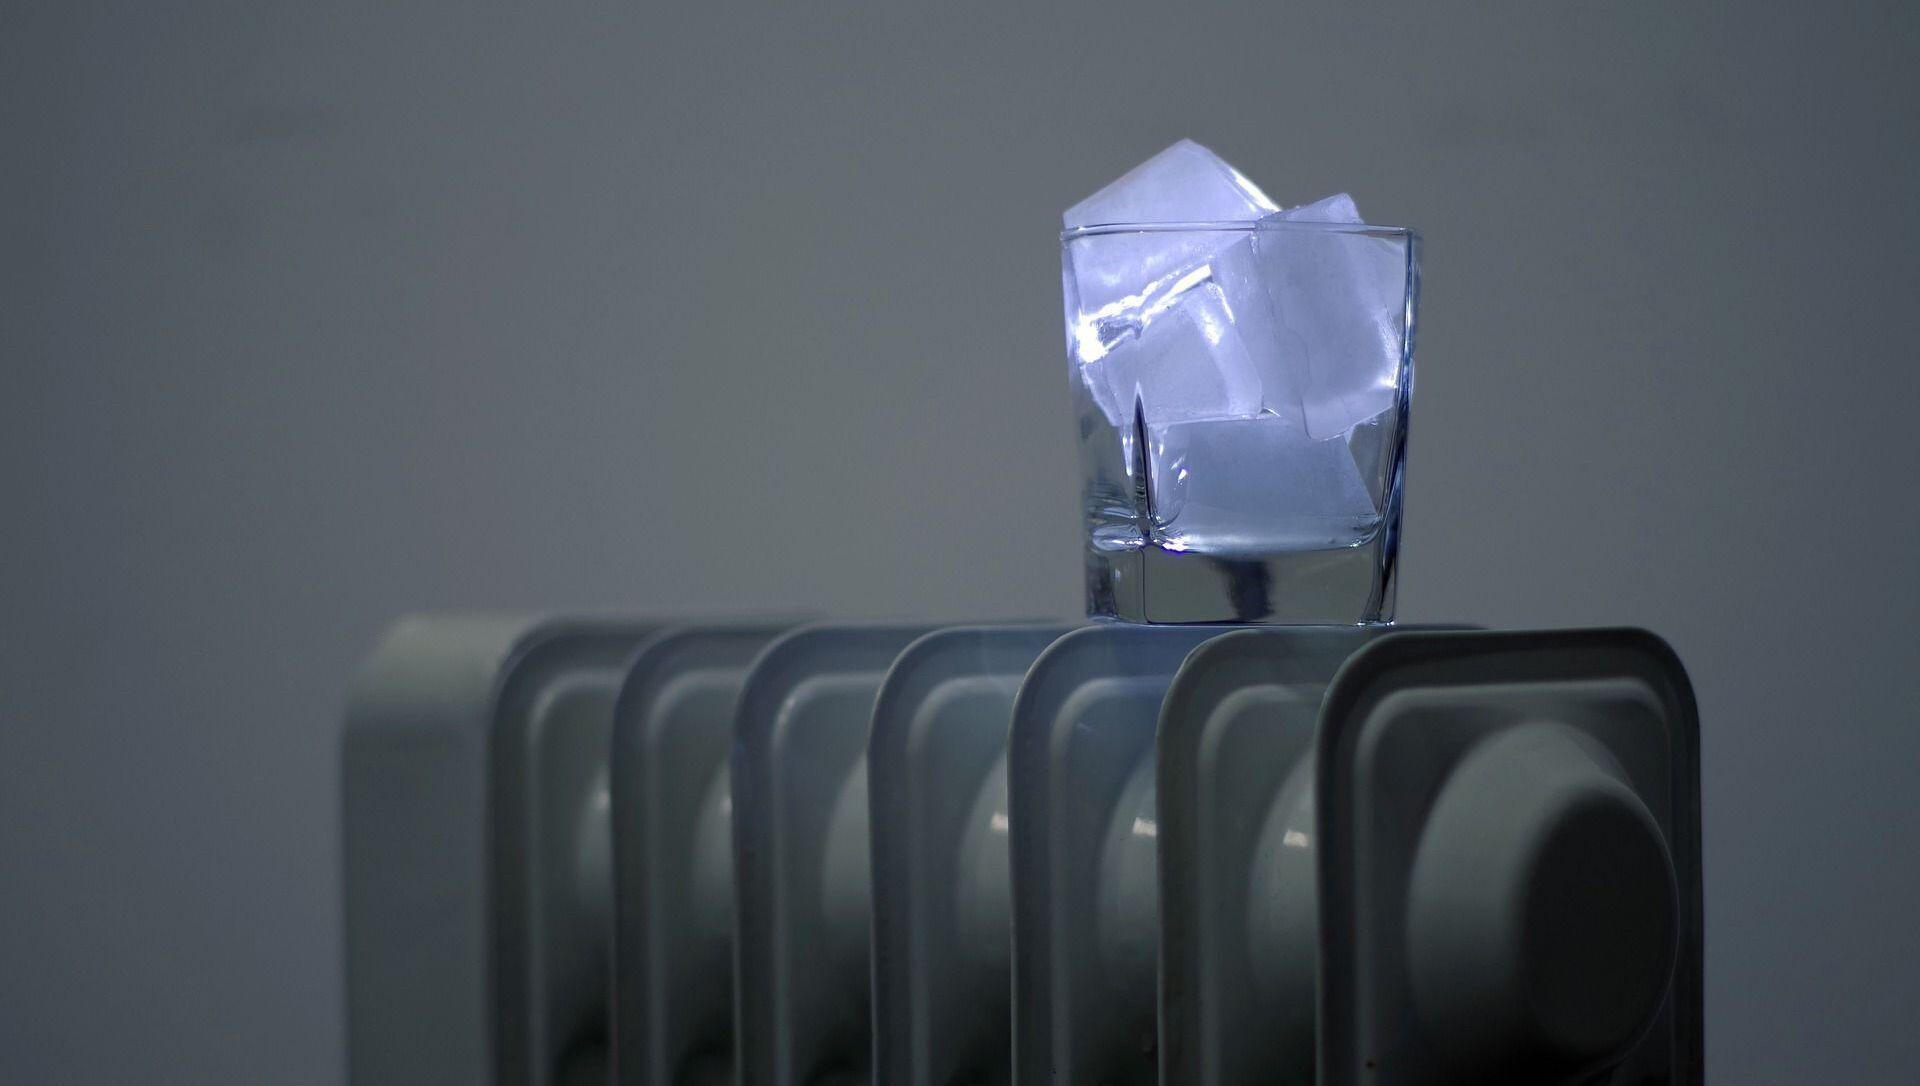 radiador ola de frío - Sputnik Mundo, 1920, 14.01.2021